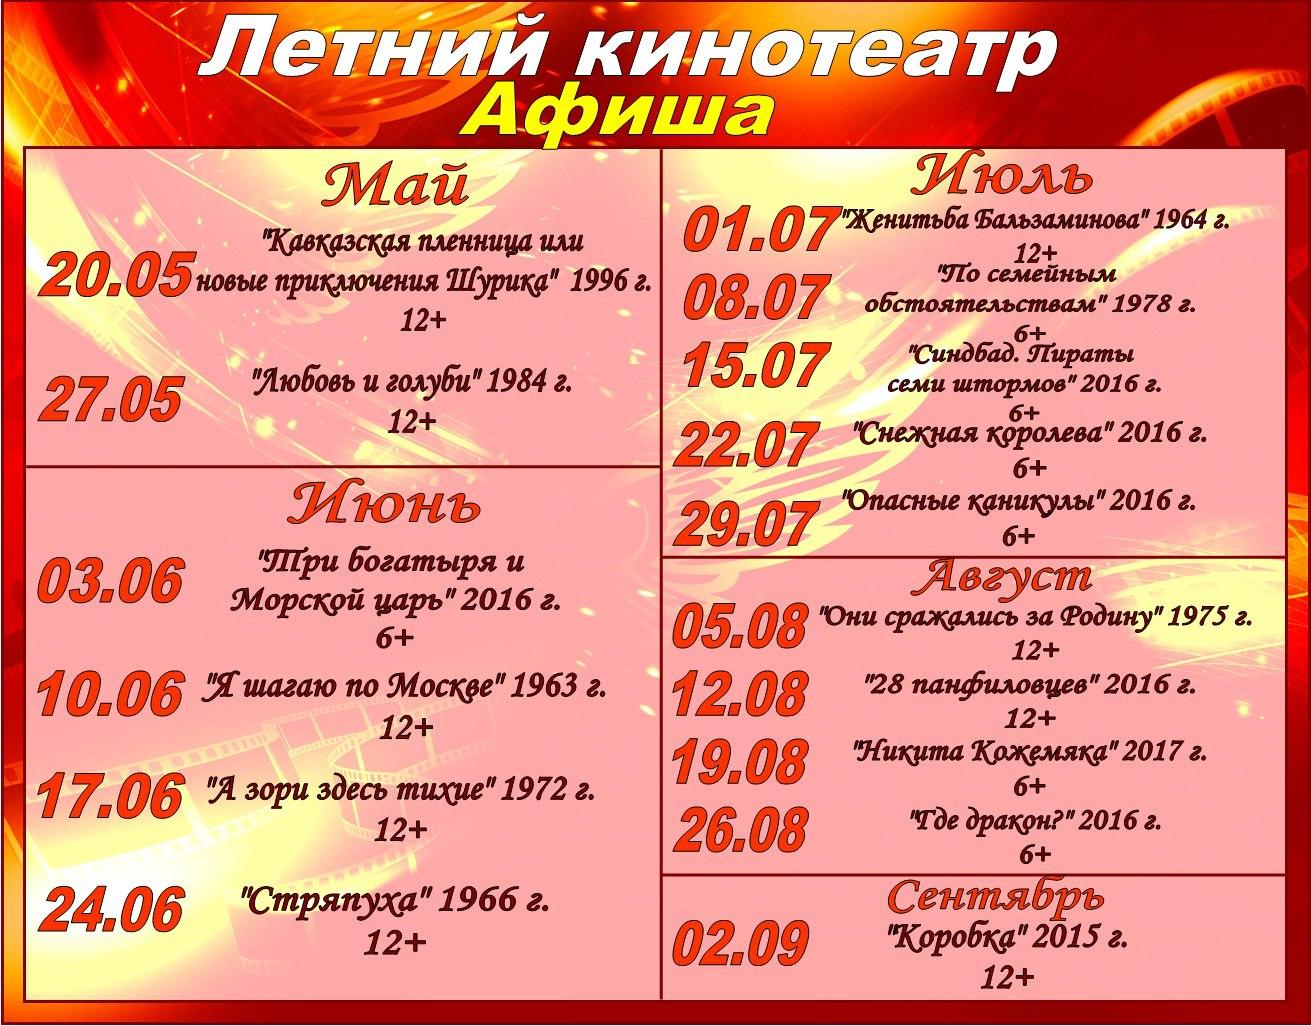 Афиша летнего кинотеатра